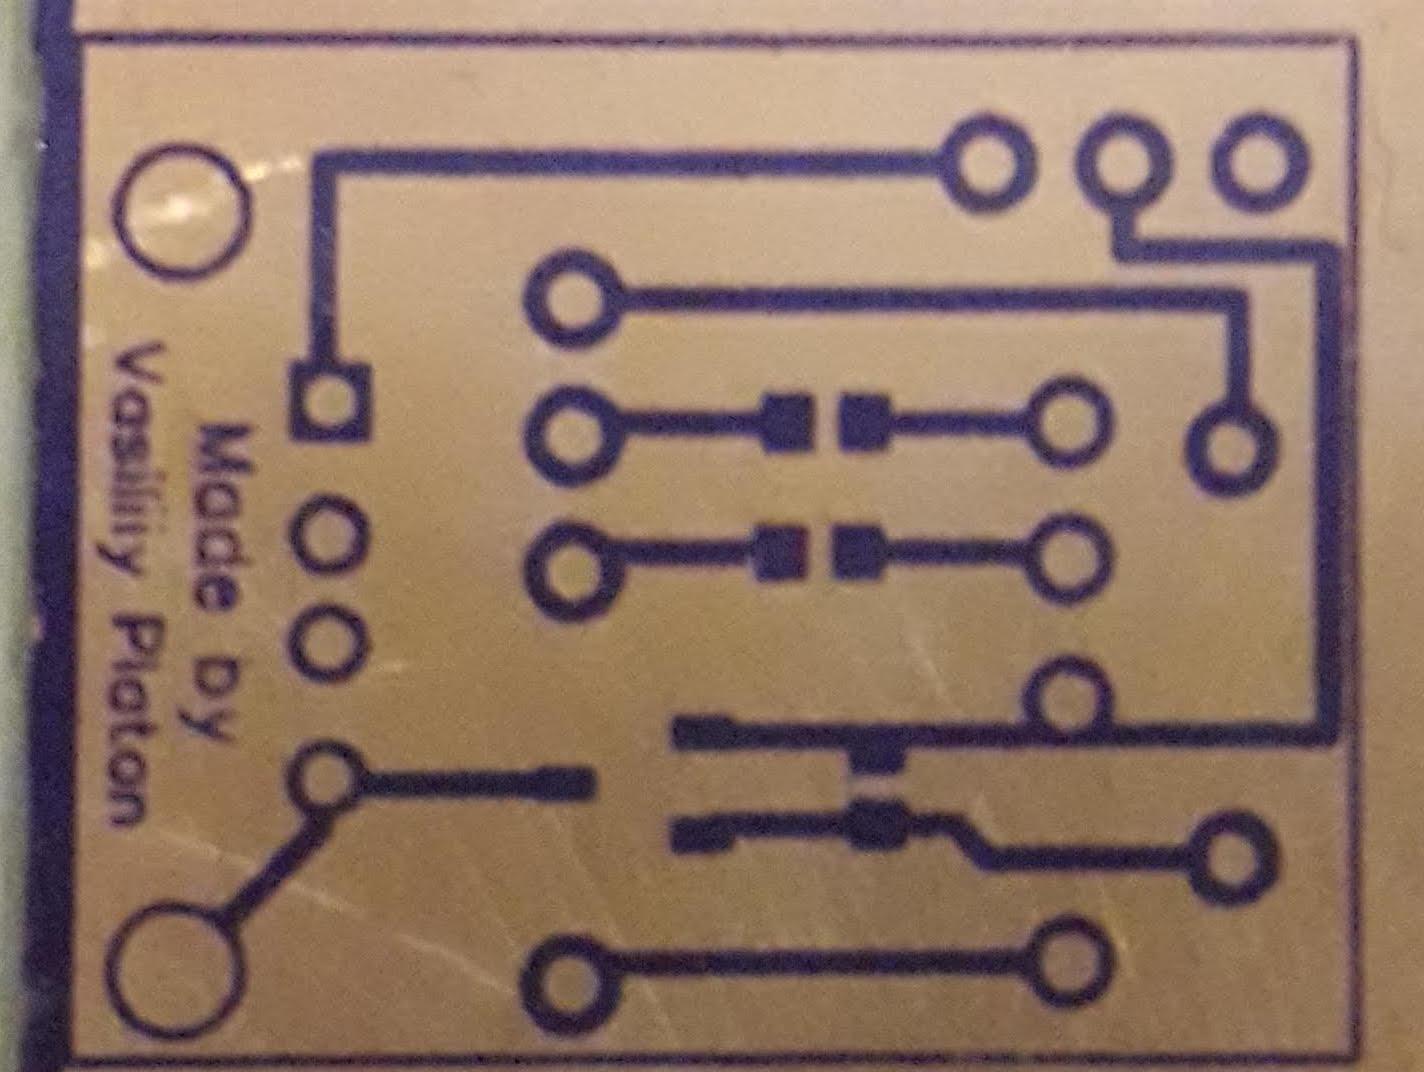 Управление подставкой для ноутбука с помощью digispark - 4